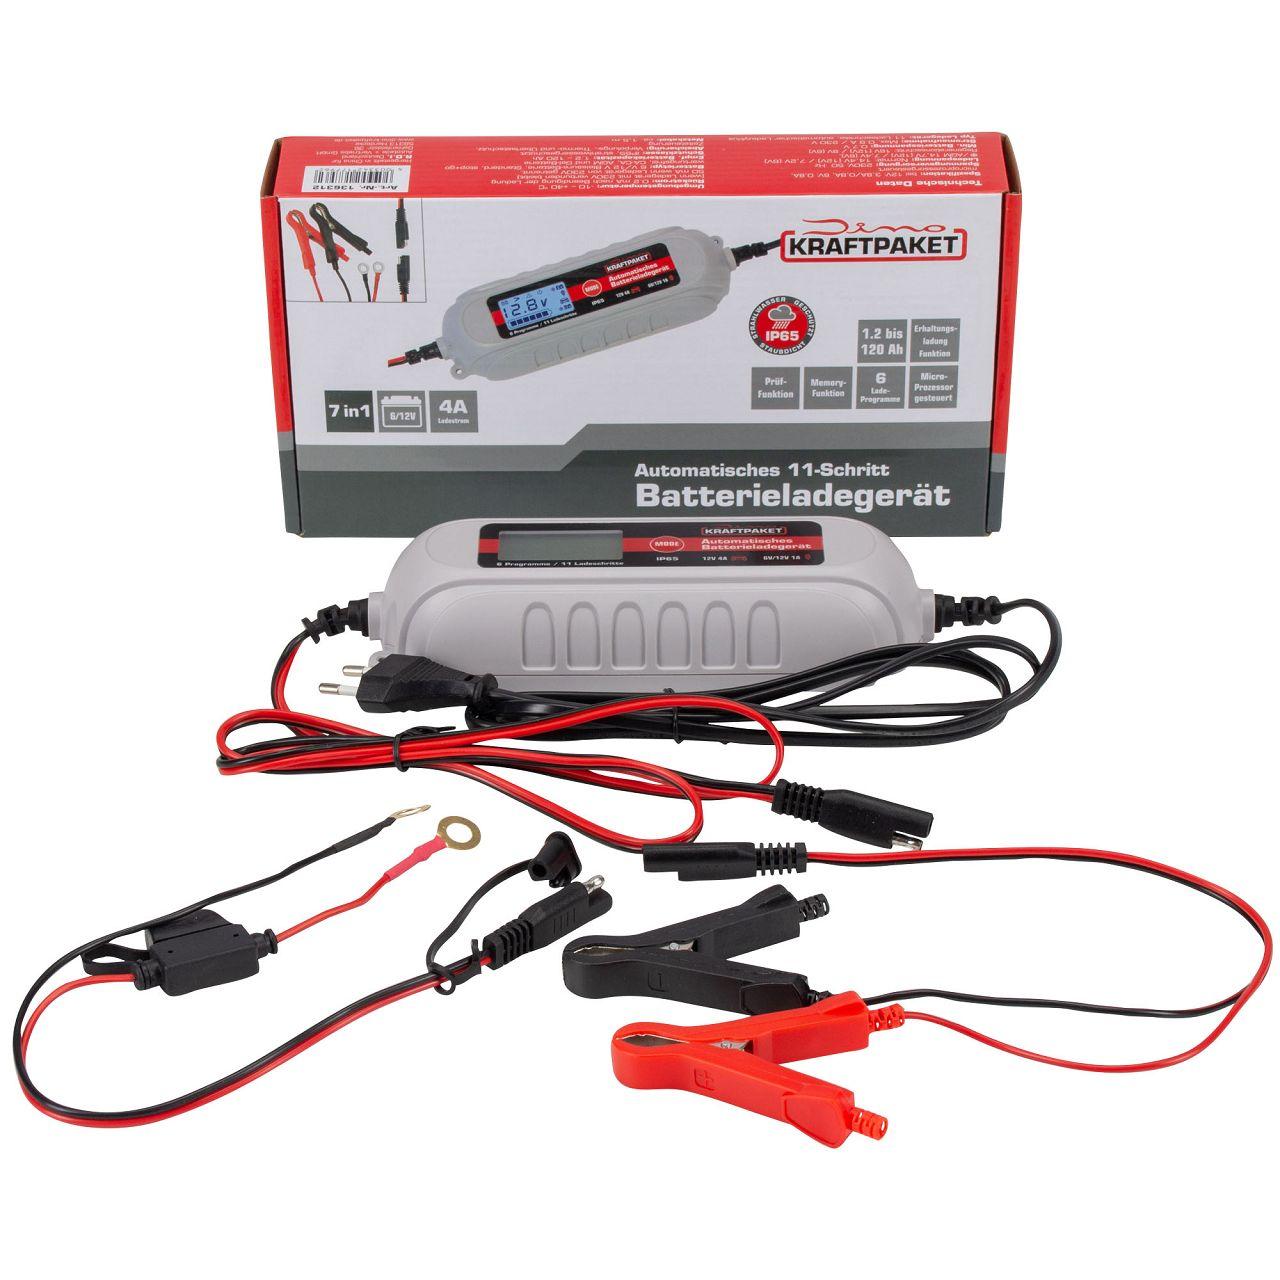 Dino KRAFTPAKET 136312 Batterieladegerät mit Batterietester KFZ 6V-1A/12V-4A